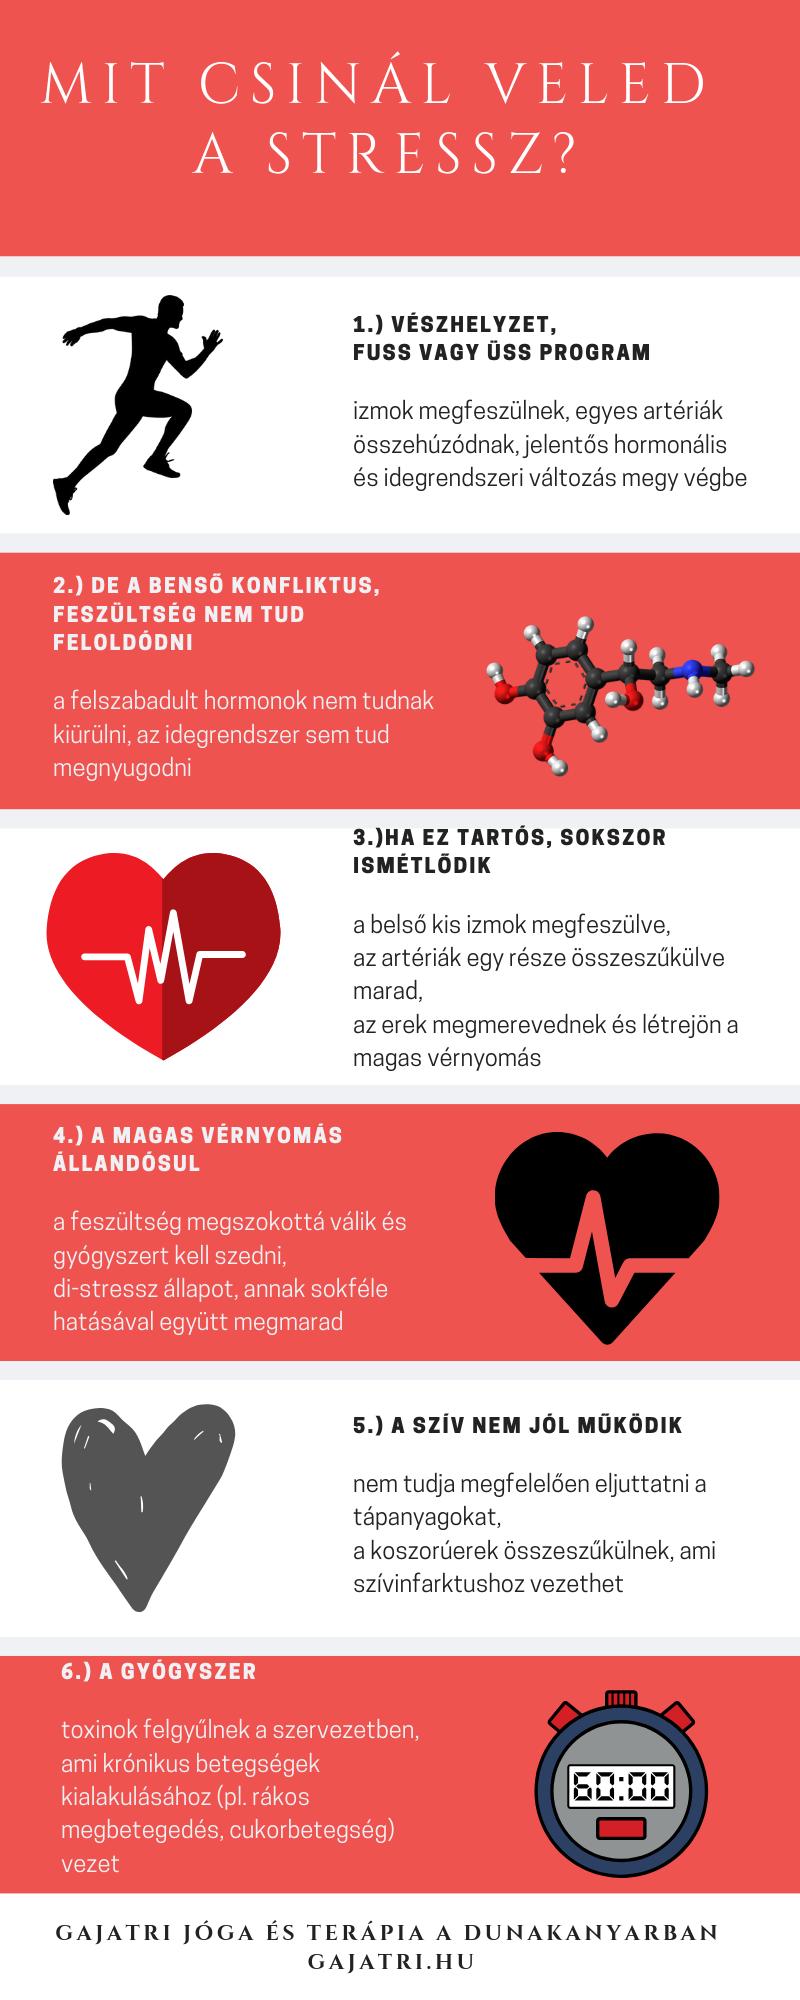 1 fokos magas vérnyomás olyan milyen gyógyszerek szükségesek a magas vérnyomáshoz